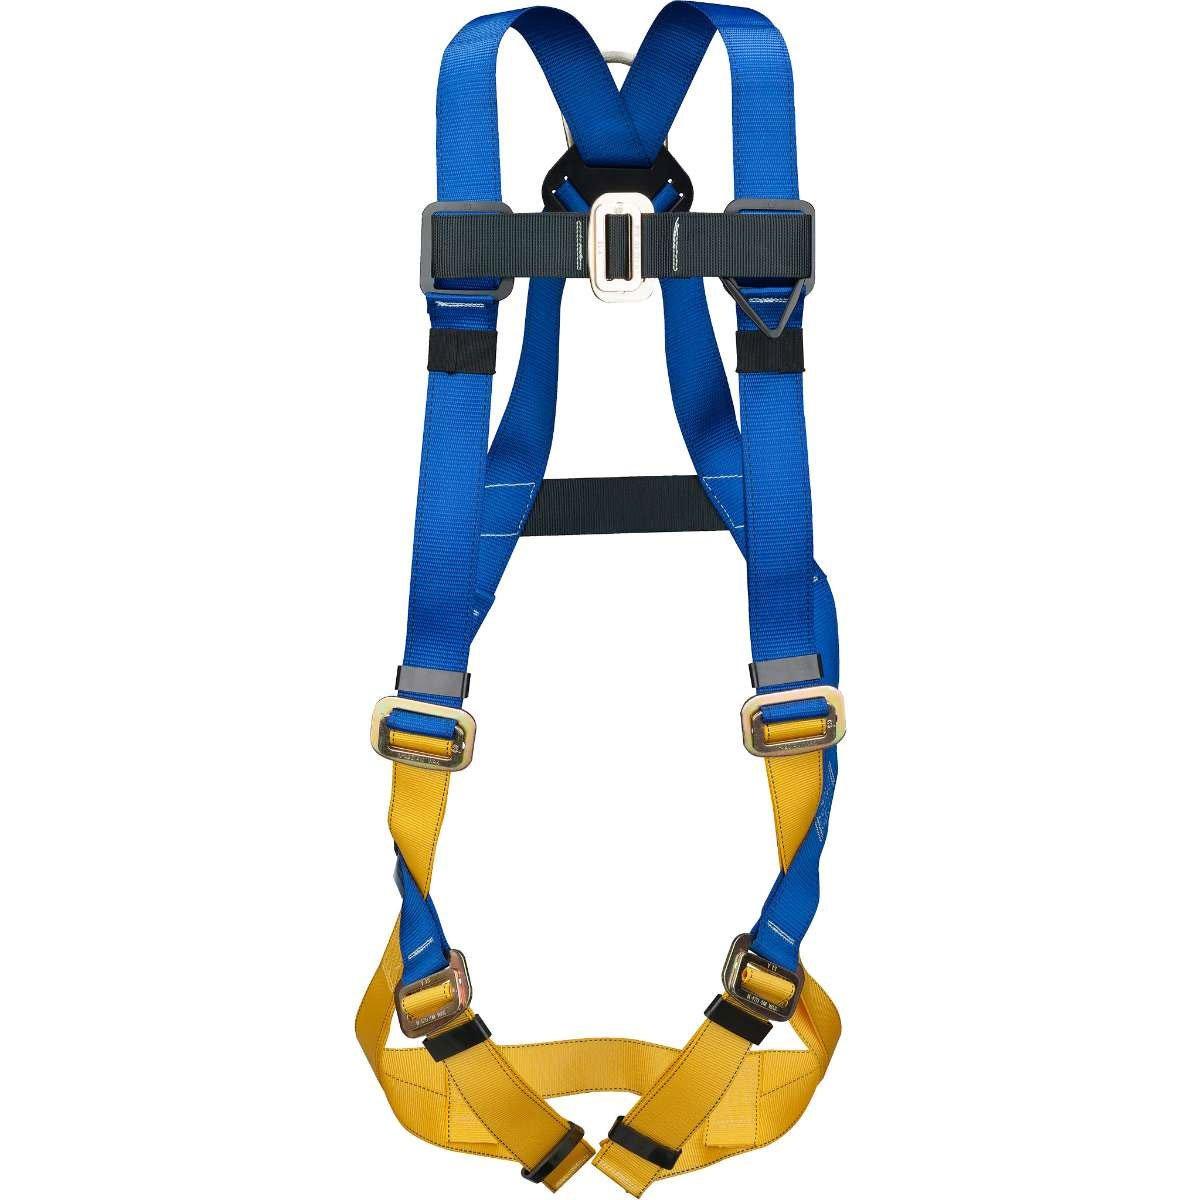 Werner Ladder Harness Standard Pass Through Legs #H411002